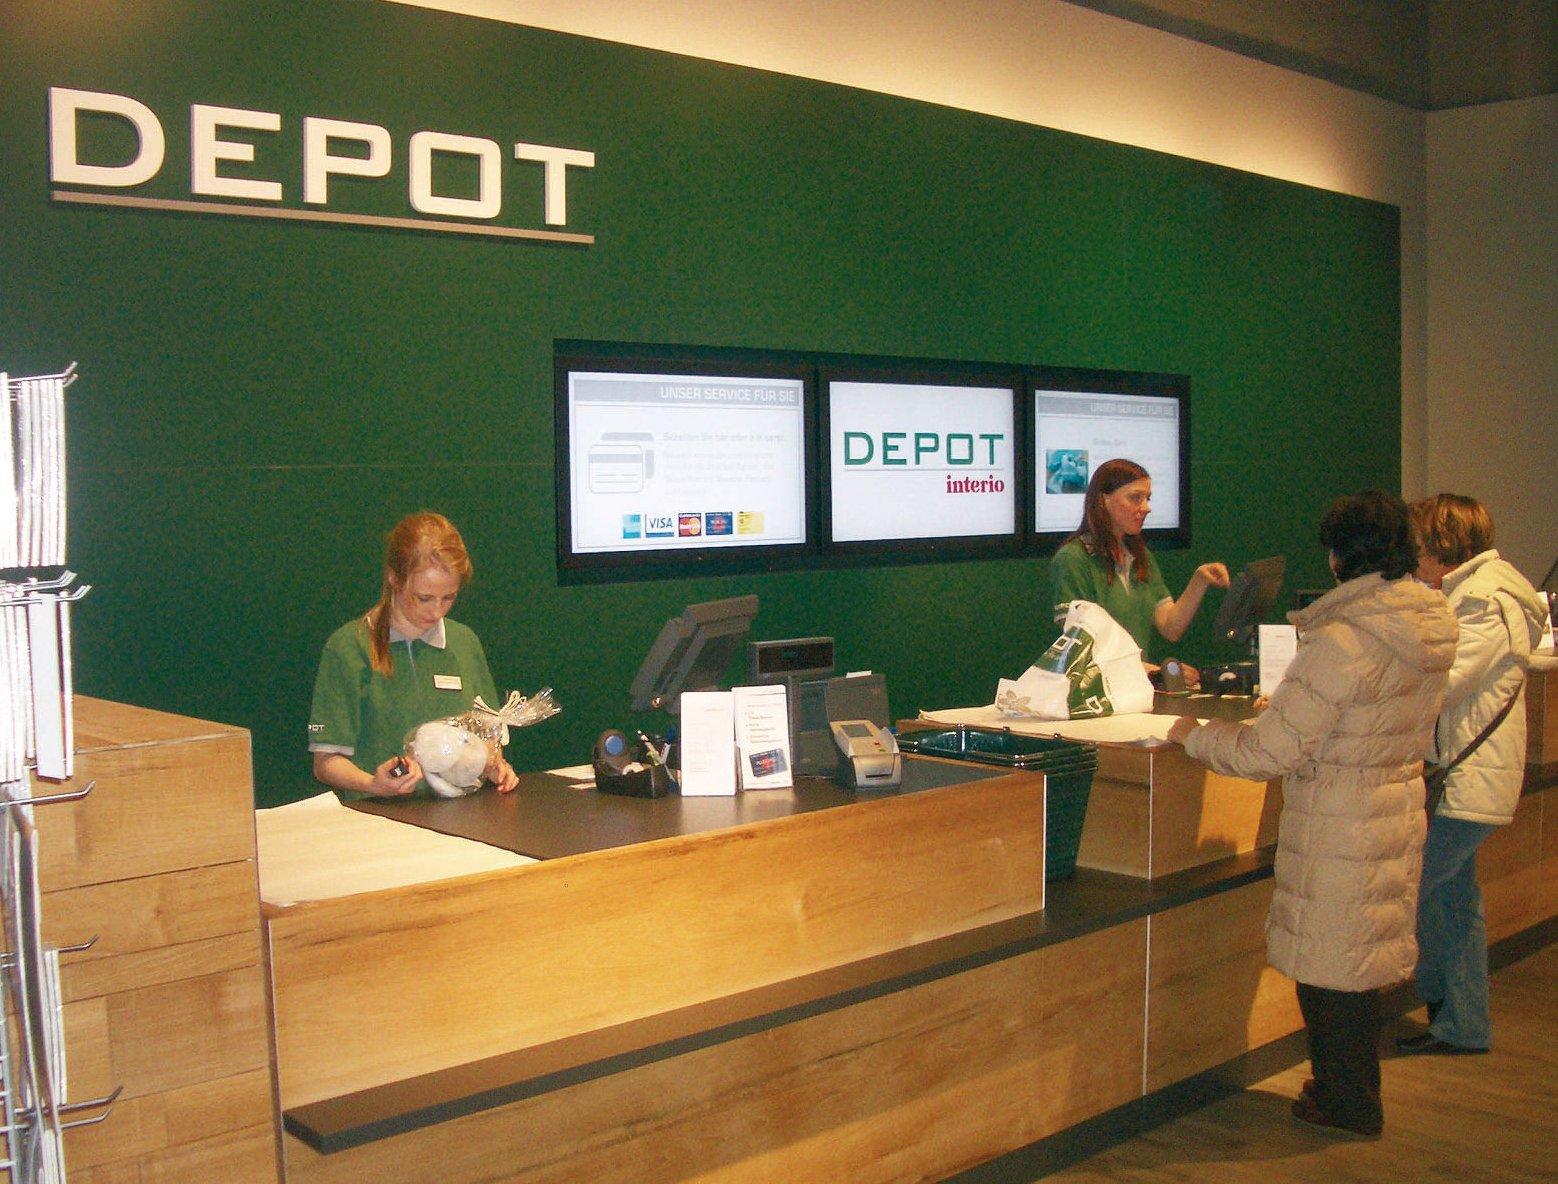 Unternehmen depot 500 filialen bis 2014 for Depot berlin filialen